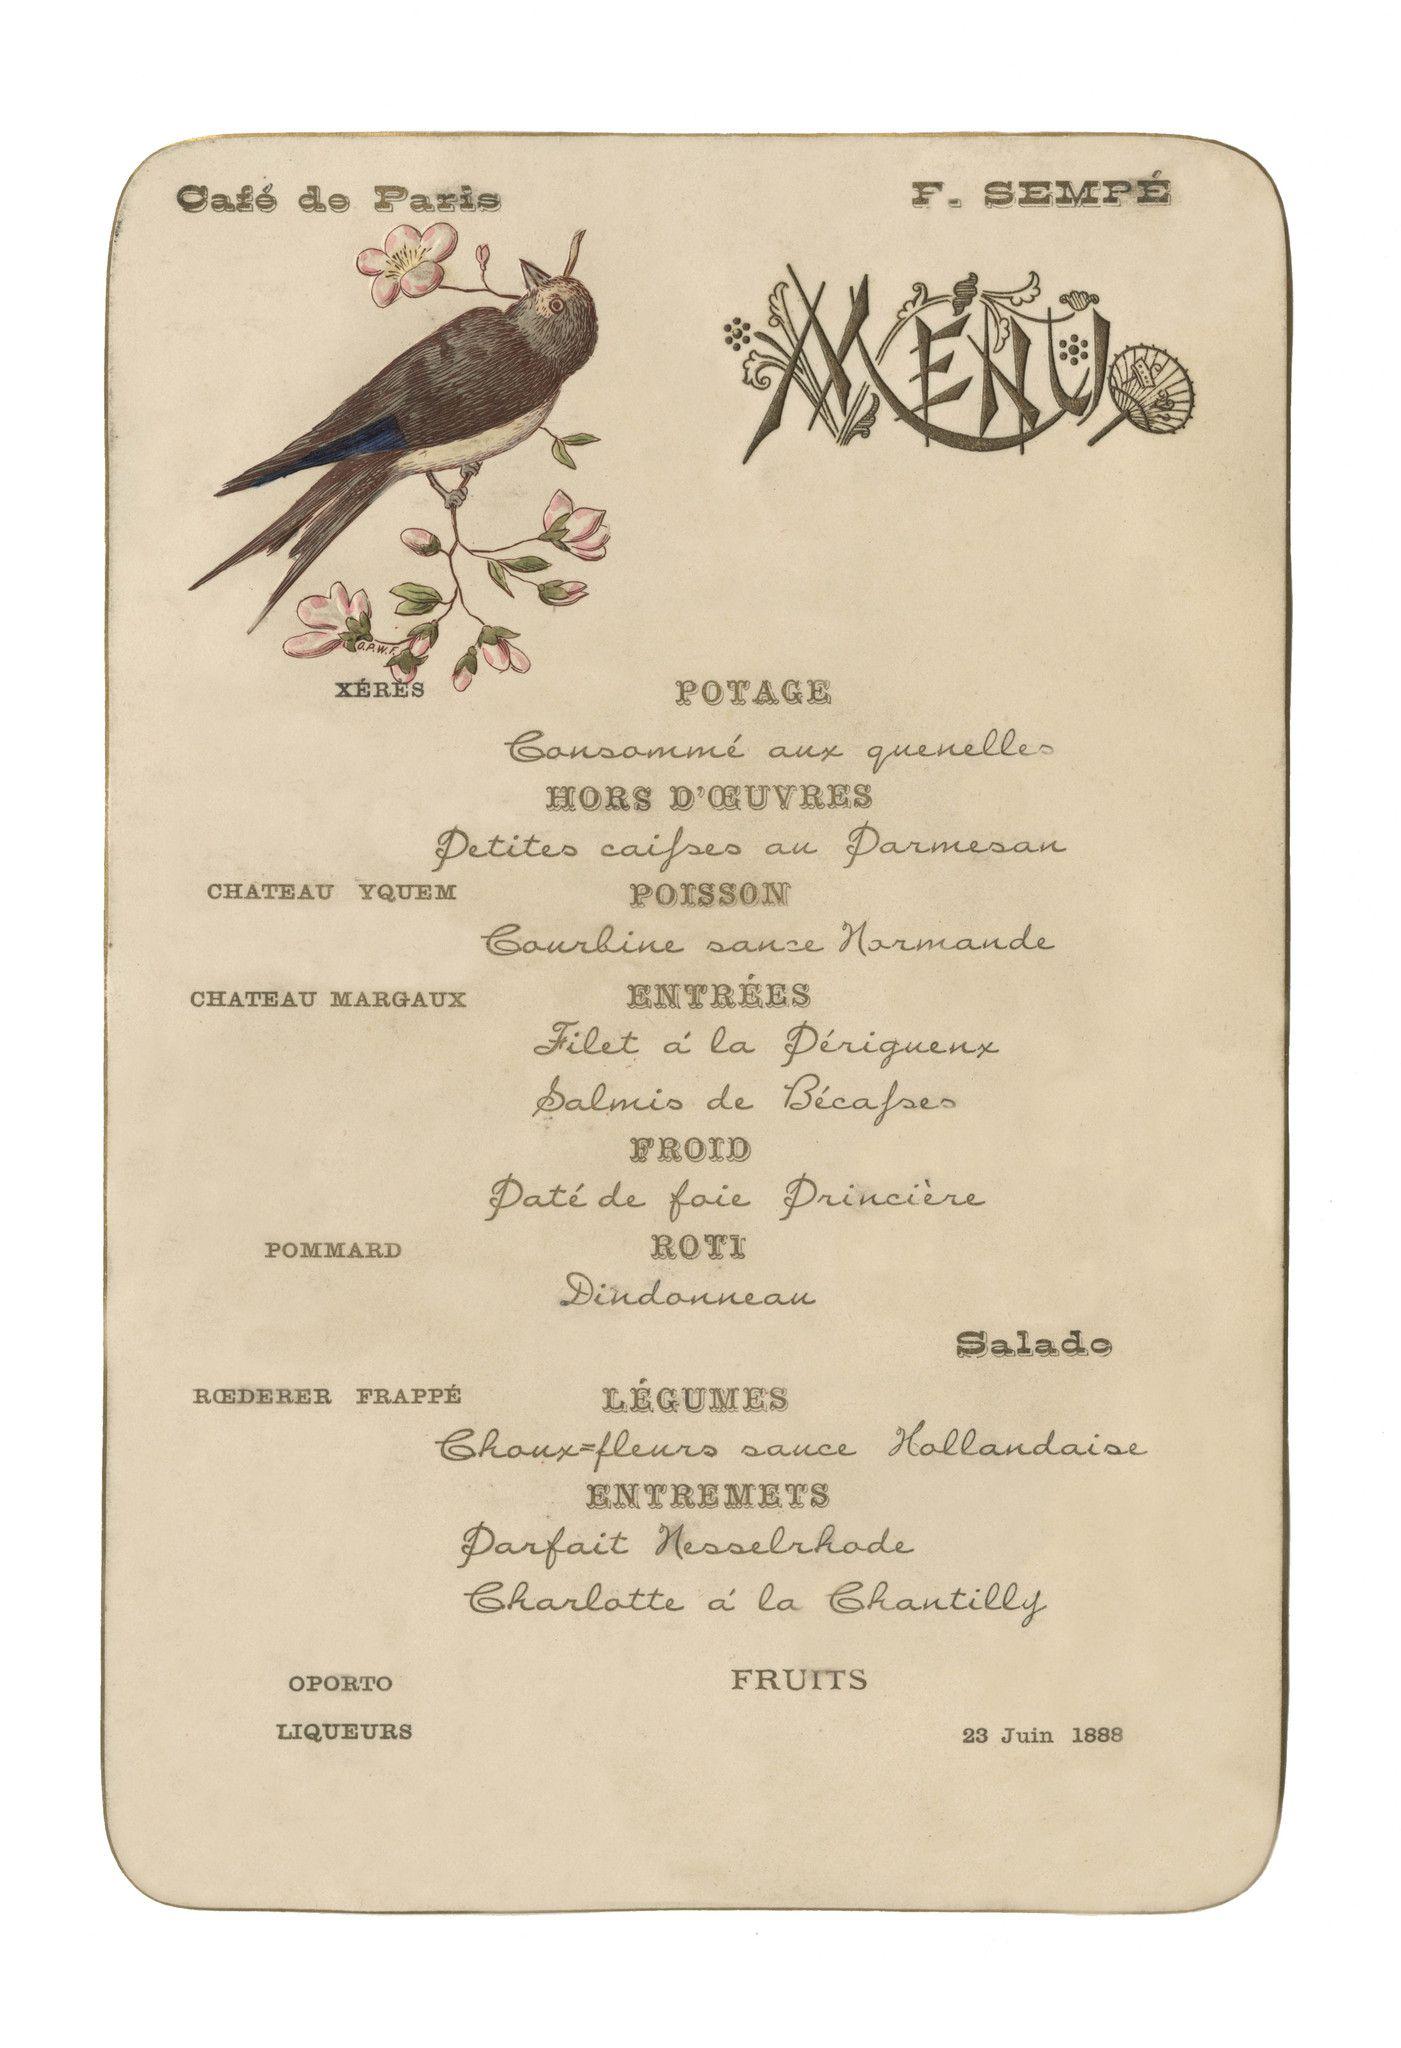 Café de Paris (Bird), Buenos Aires, June 1888 Vintage